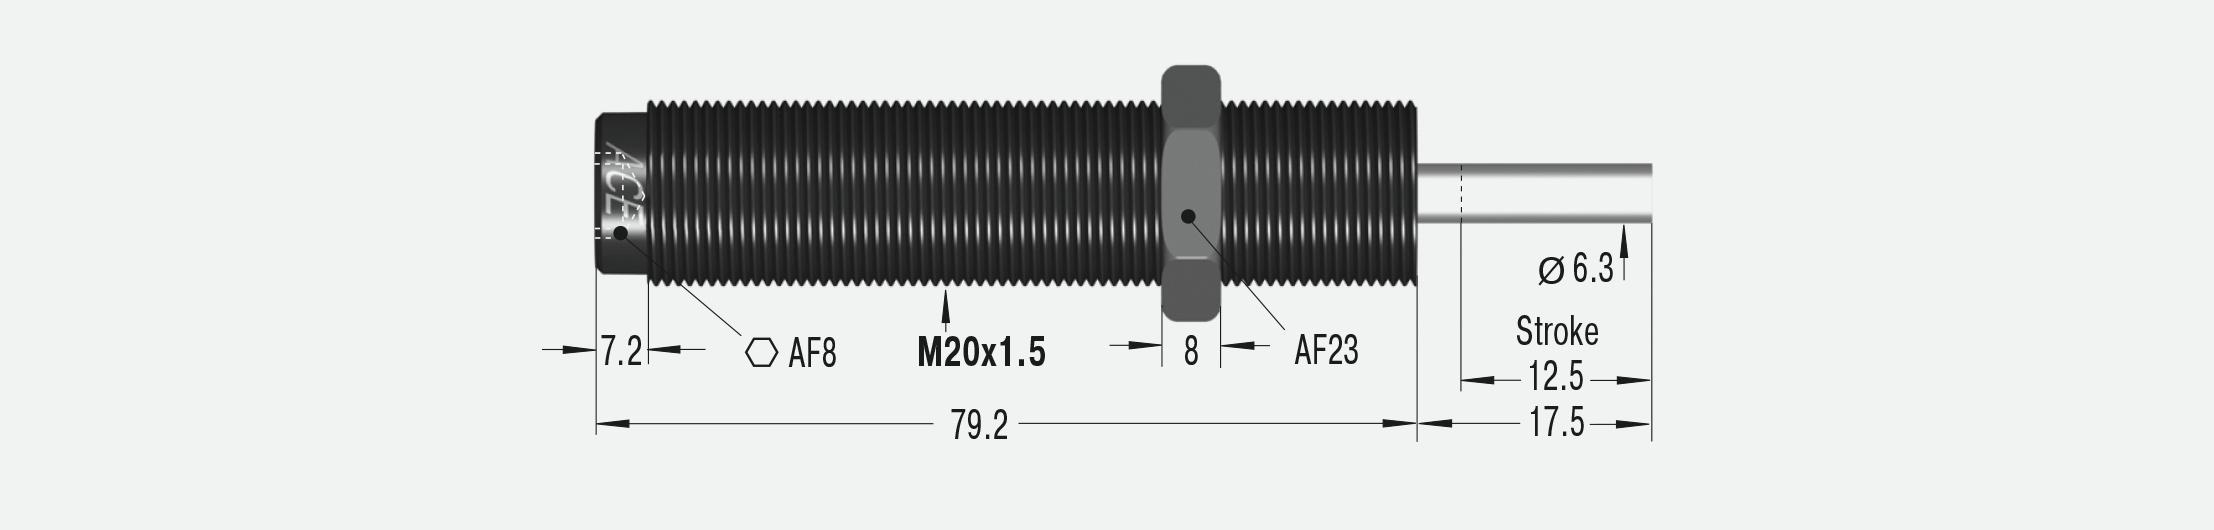 MC225EUMH3